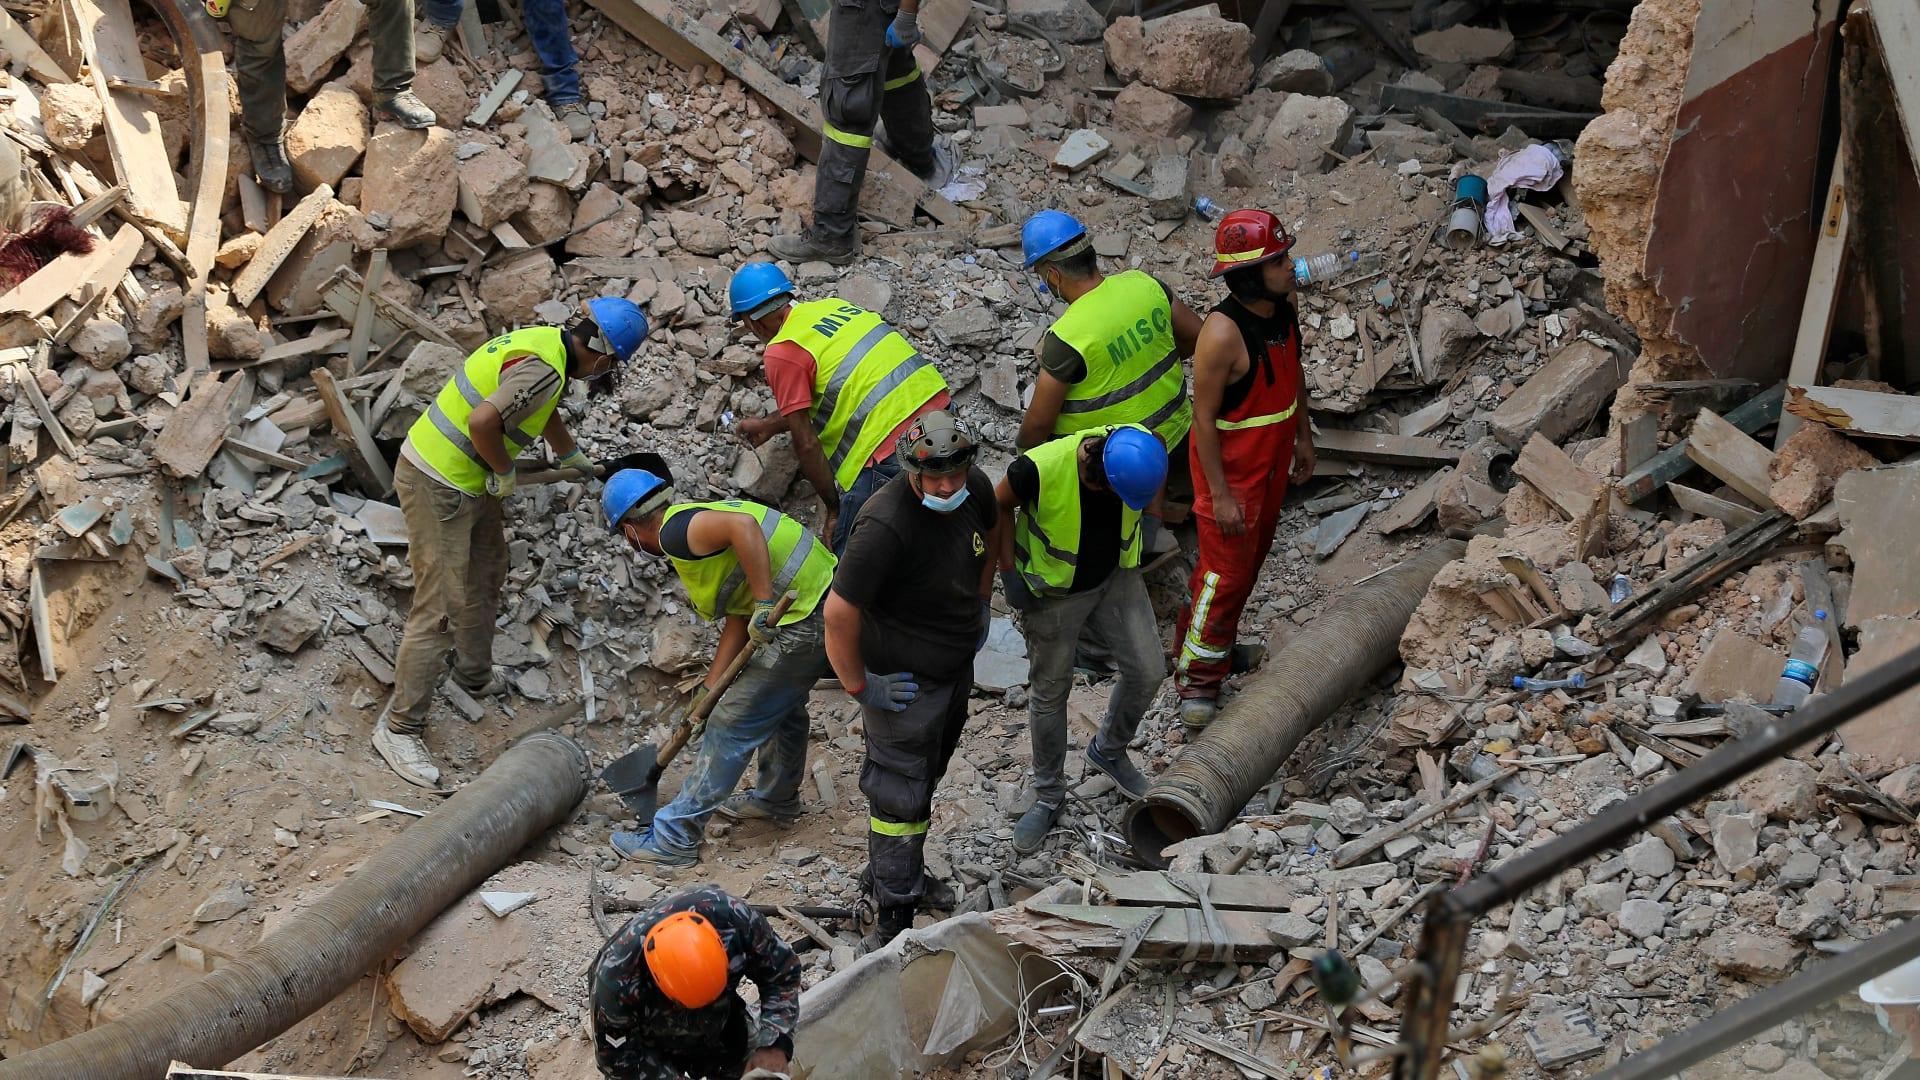 رئيس فريق الهلال الأحمر الكويتي في لبنان يوضح لـCNN الصعوبات على الأرض